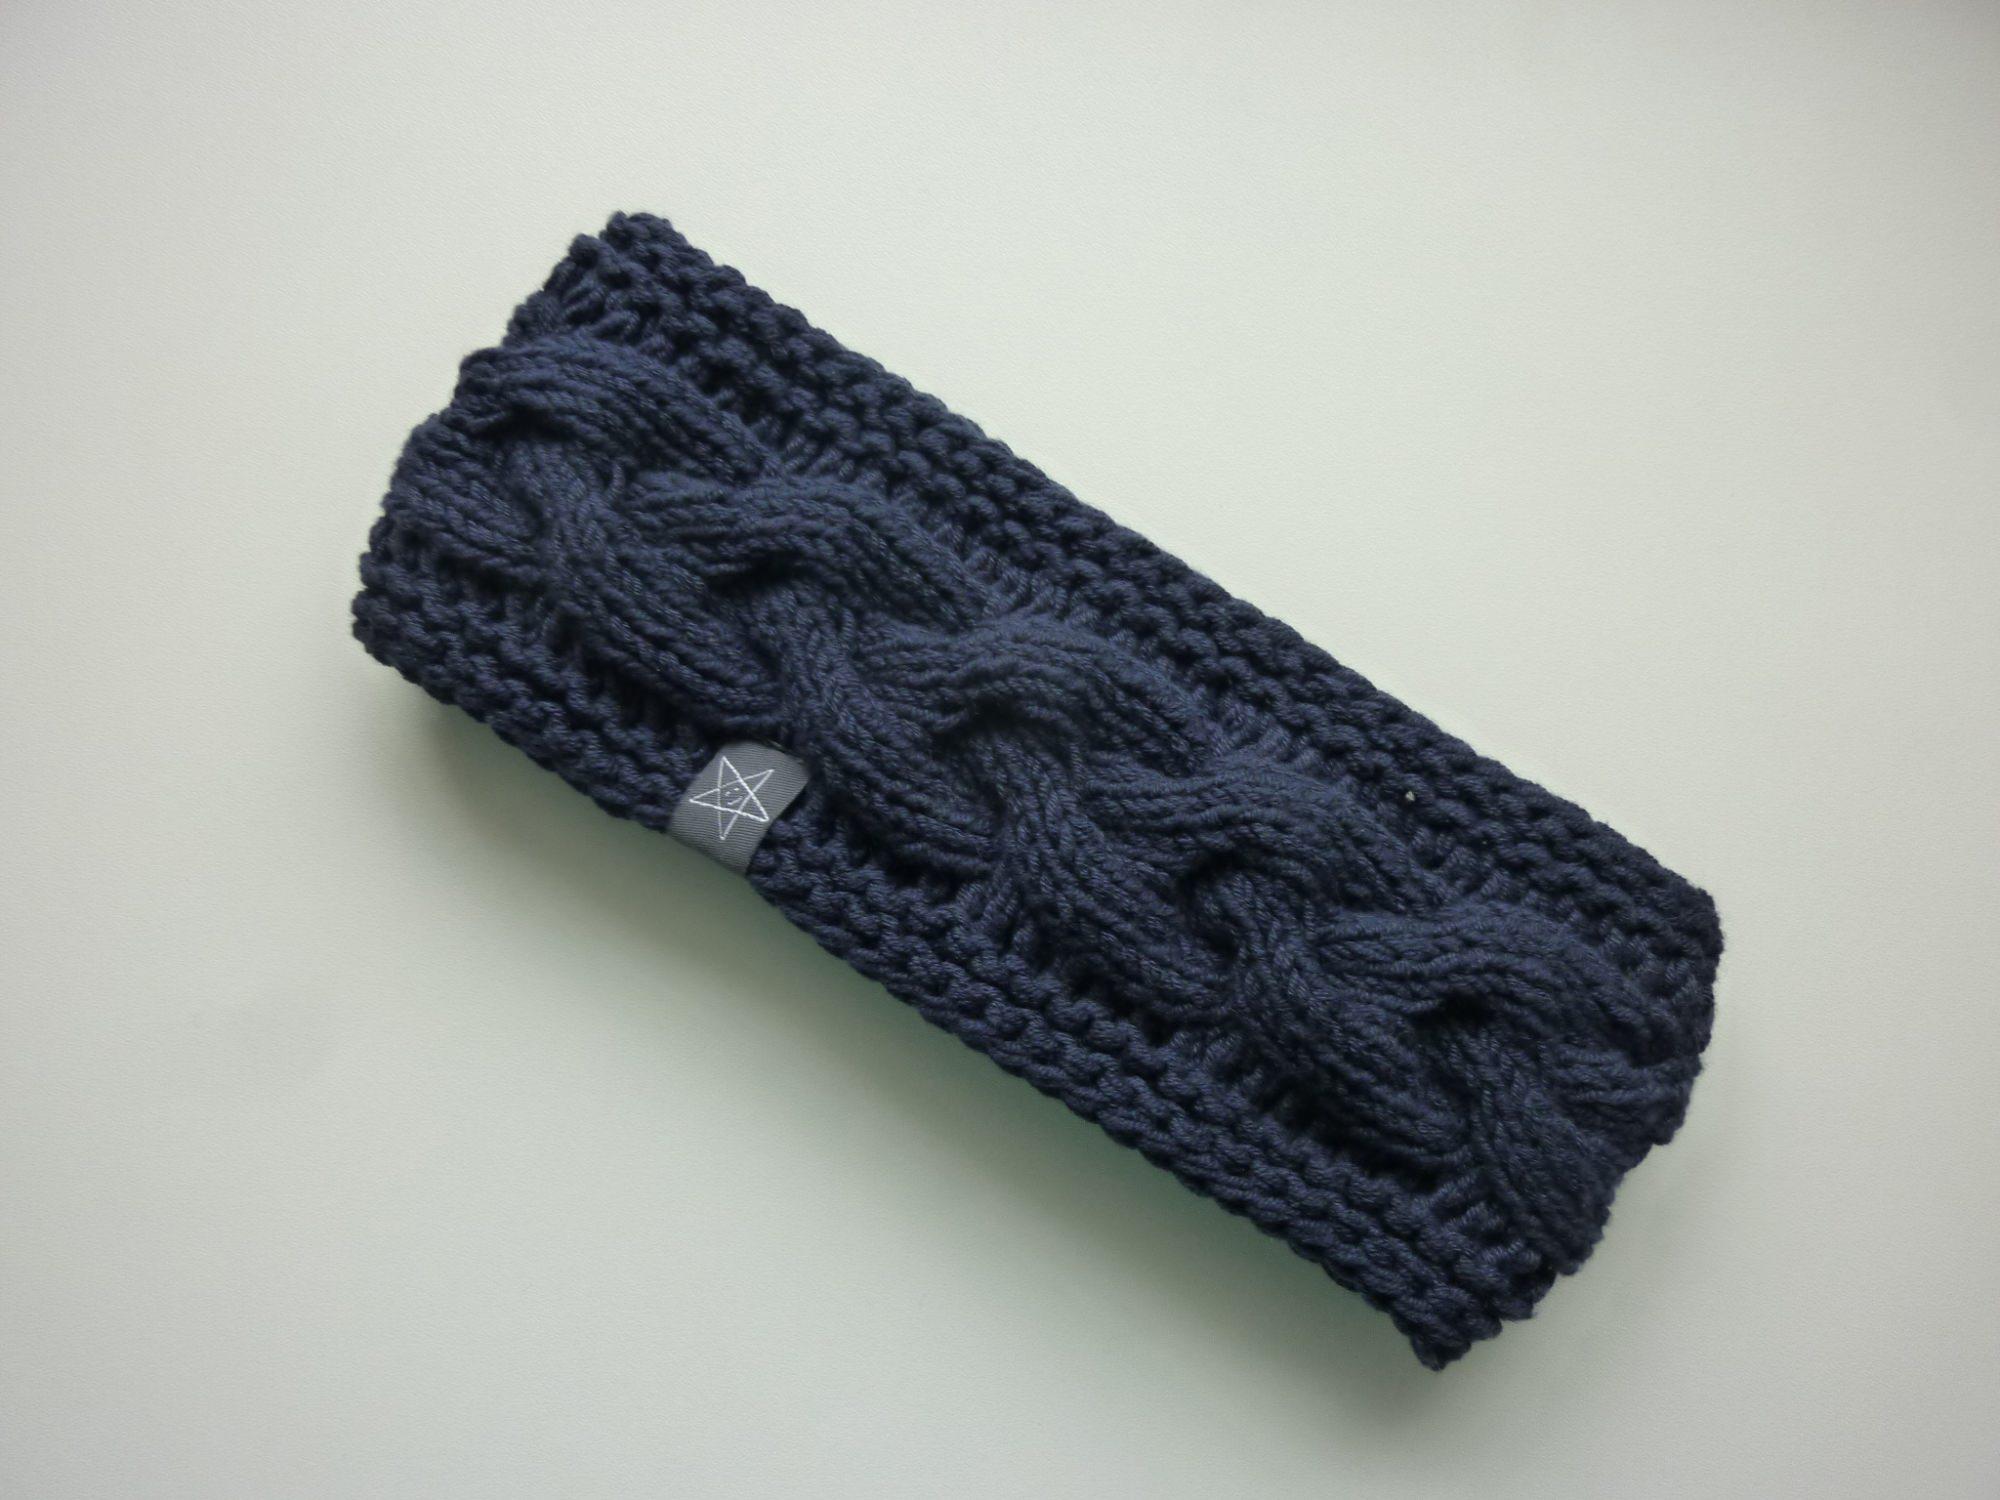 - gefüttertes Stirnband in dunkelblau aus Baumwolle handgestrickt - gefüttertes Stirnband in dunkelblau aus Baumwolle handgestrickt